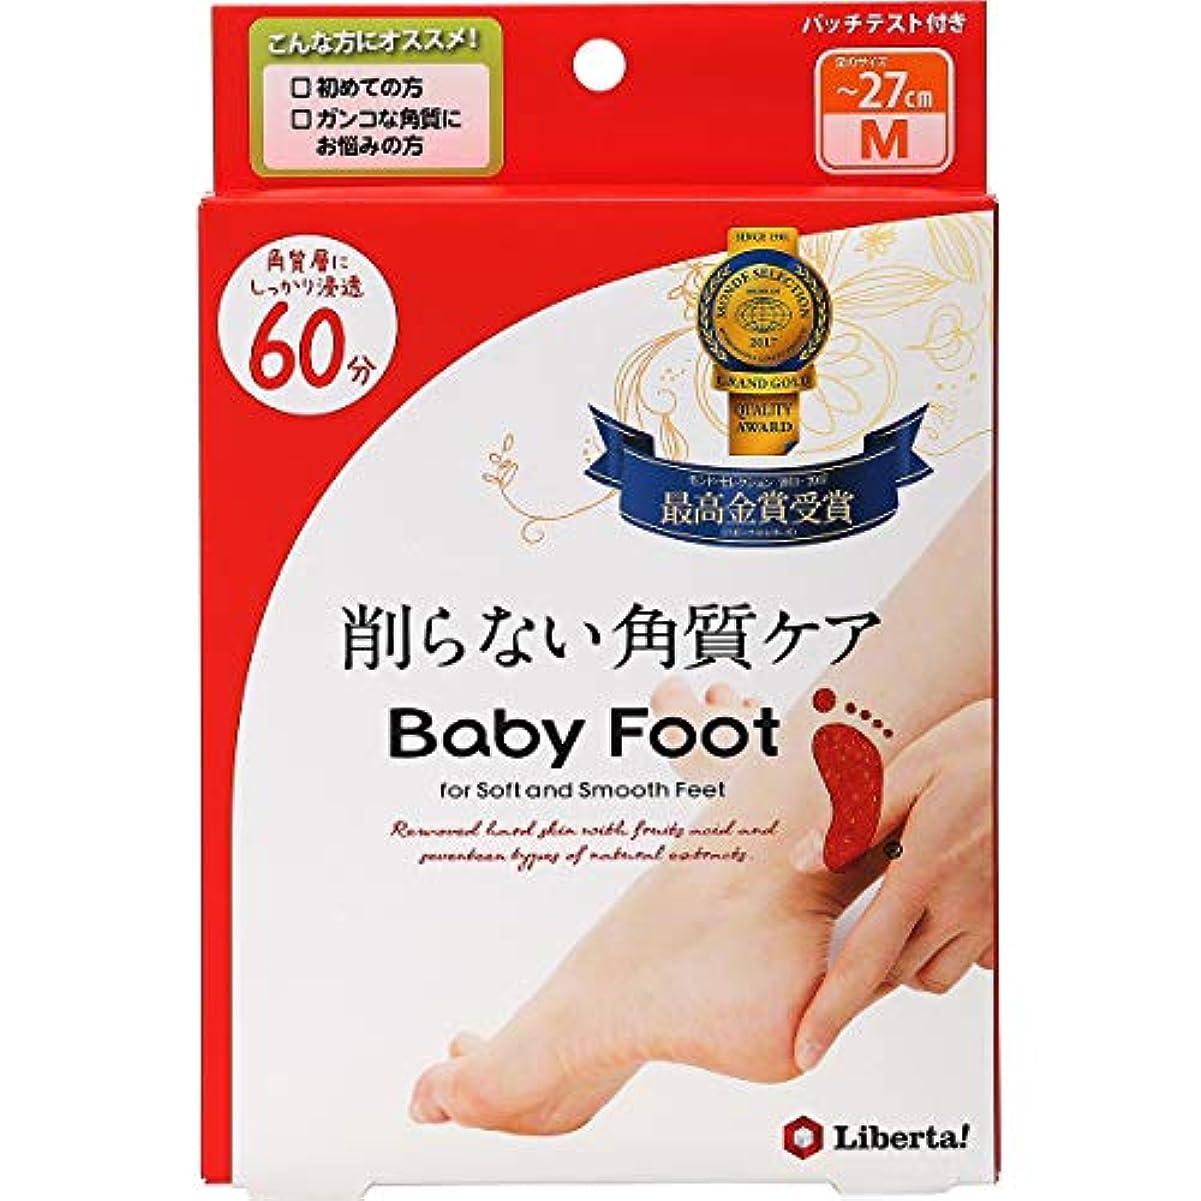 タービン毎回もう一度ベビーフット (Baby Foot) ベビーフット イージーパック SPT60分タイプ Mサイズ 単品